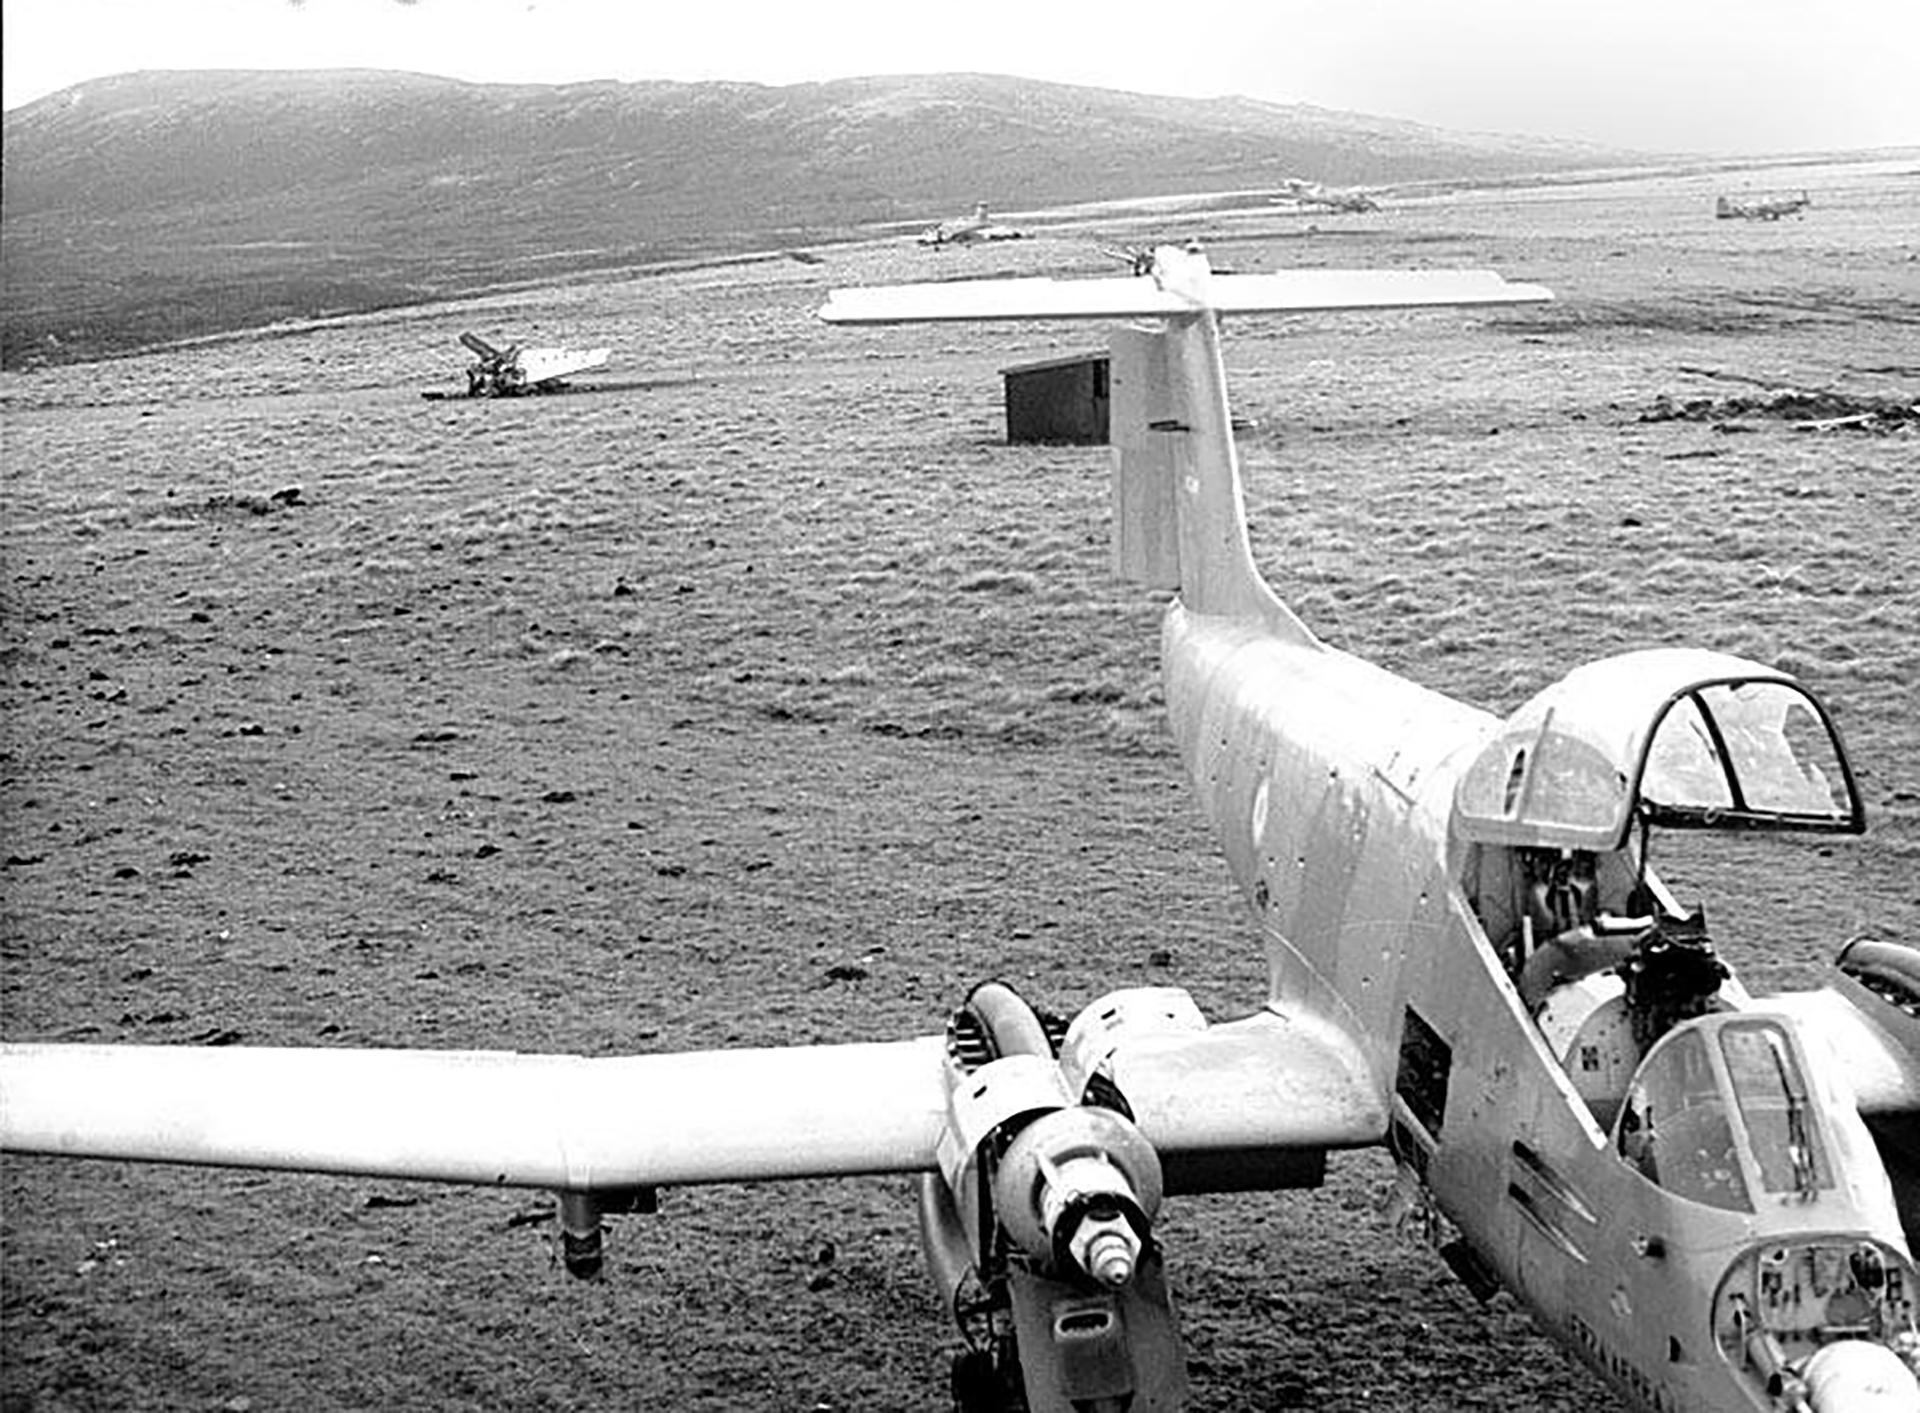 Un avión Pucará en las isla Gran Malvina, en la Base Aérea Militar Cóndor. Se utilizaba para ataque aire-tierra a las tropas británicas que habían desembarcado